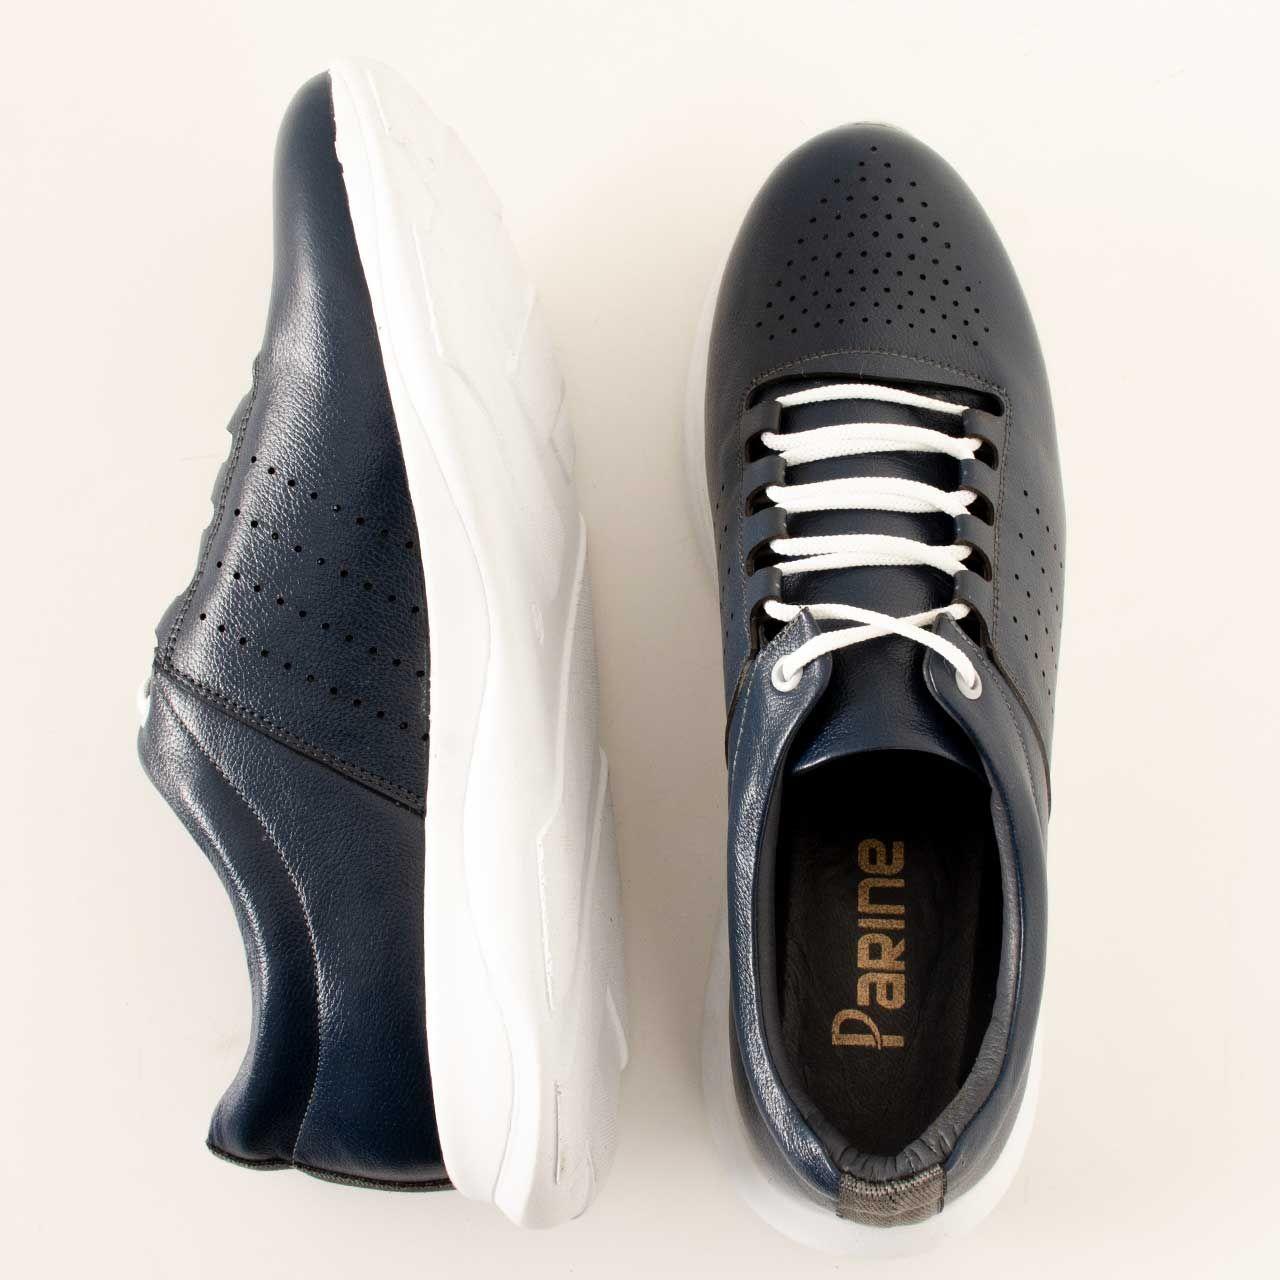 کفش روزمره مردانه پارینه چرم مدل SHO176-11 -  - 6